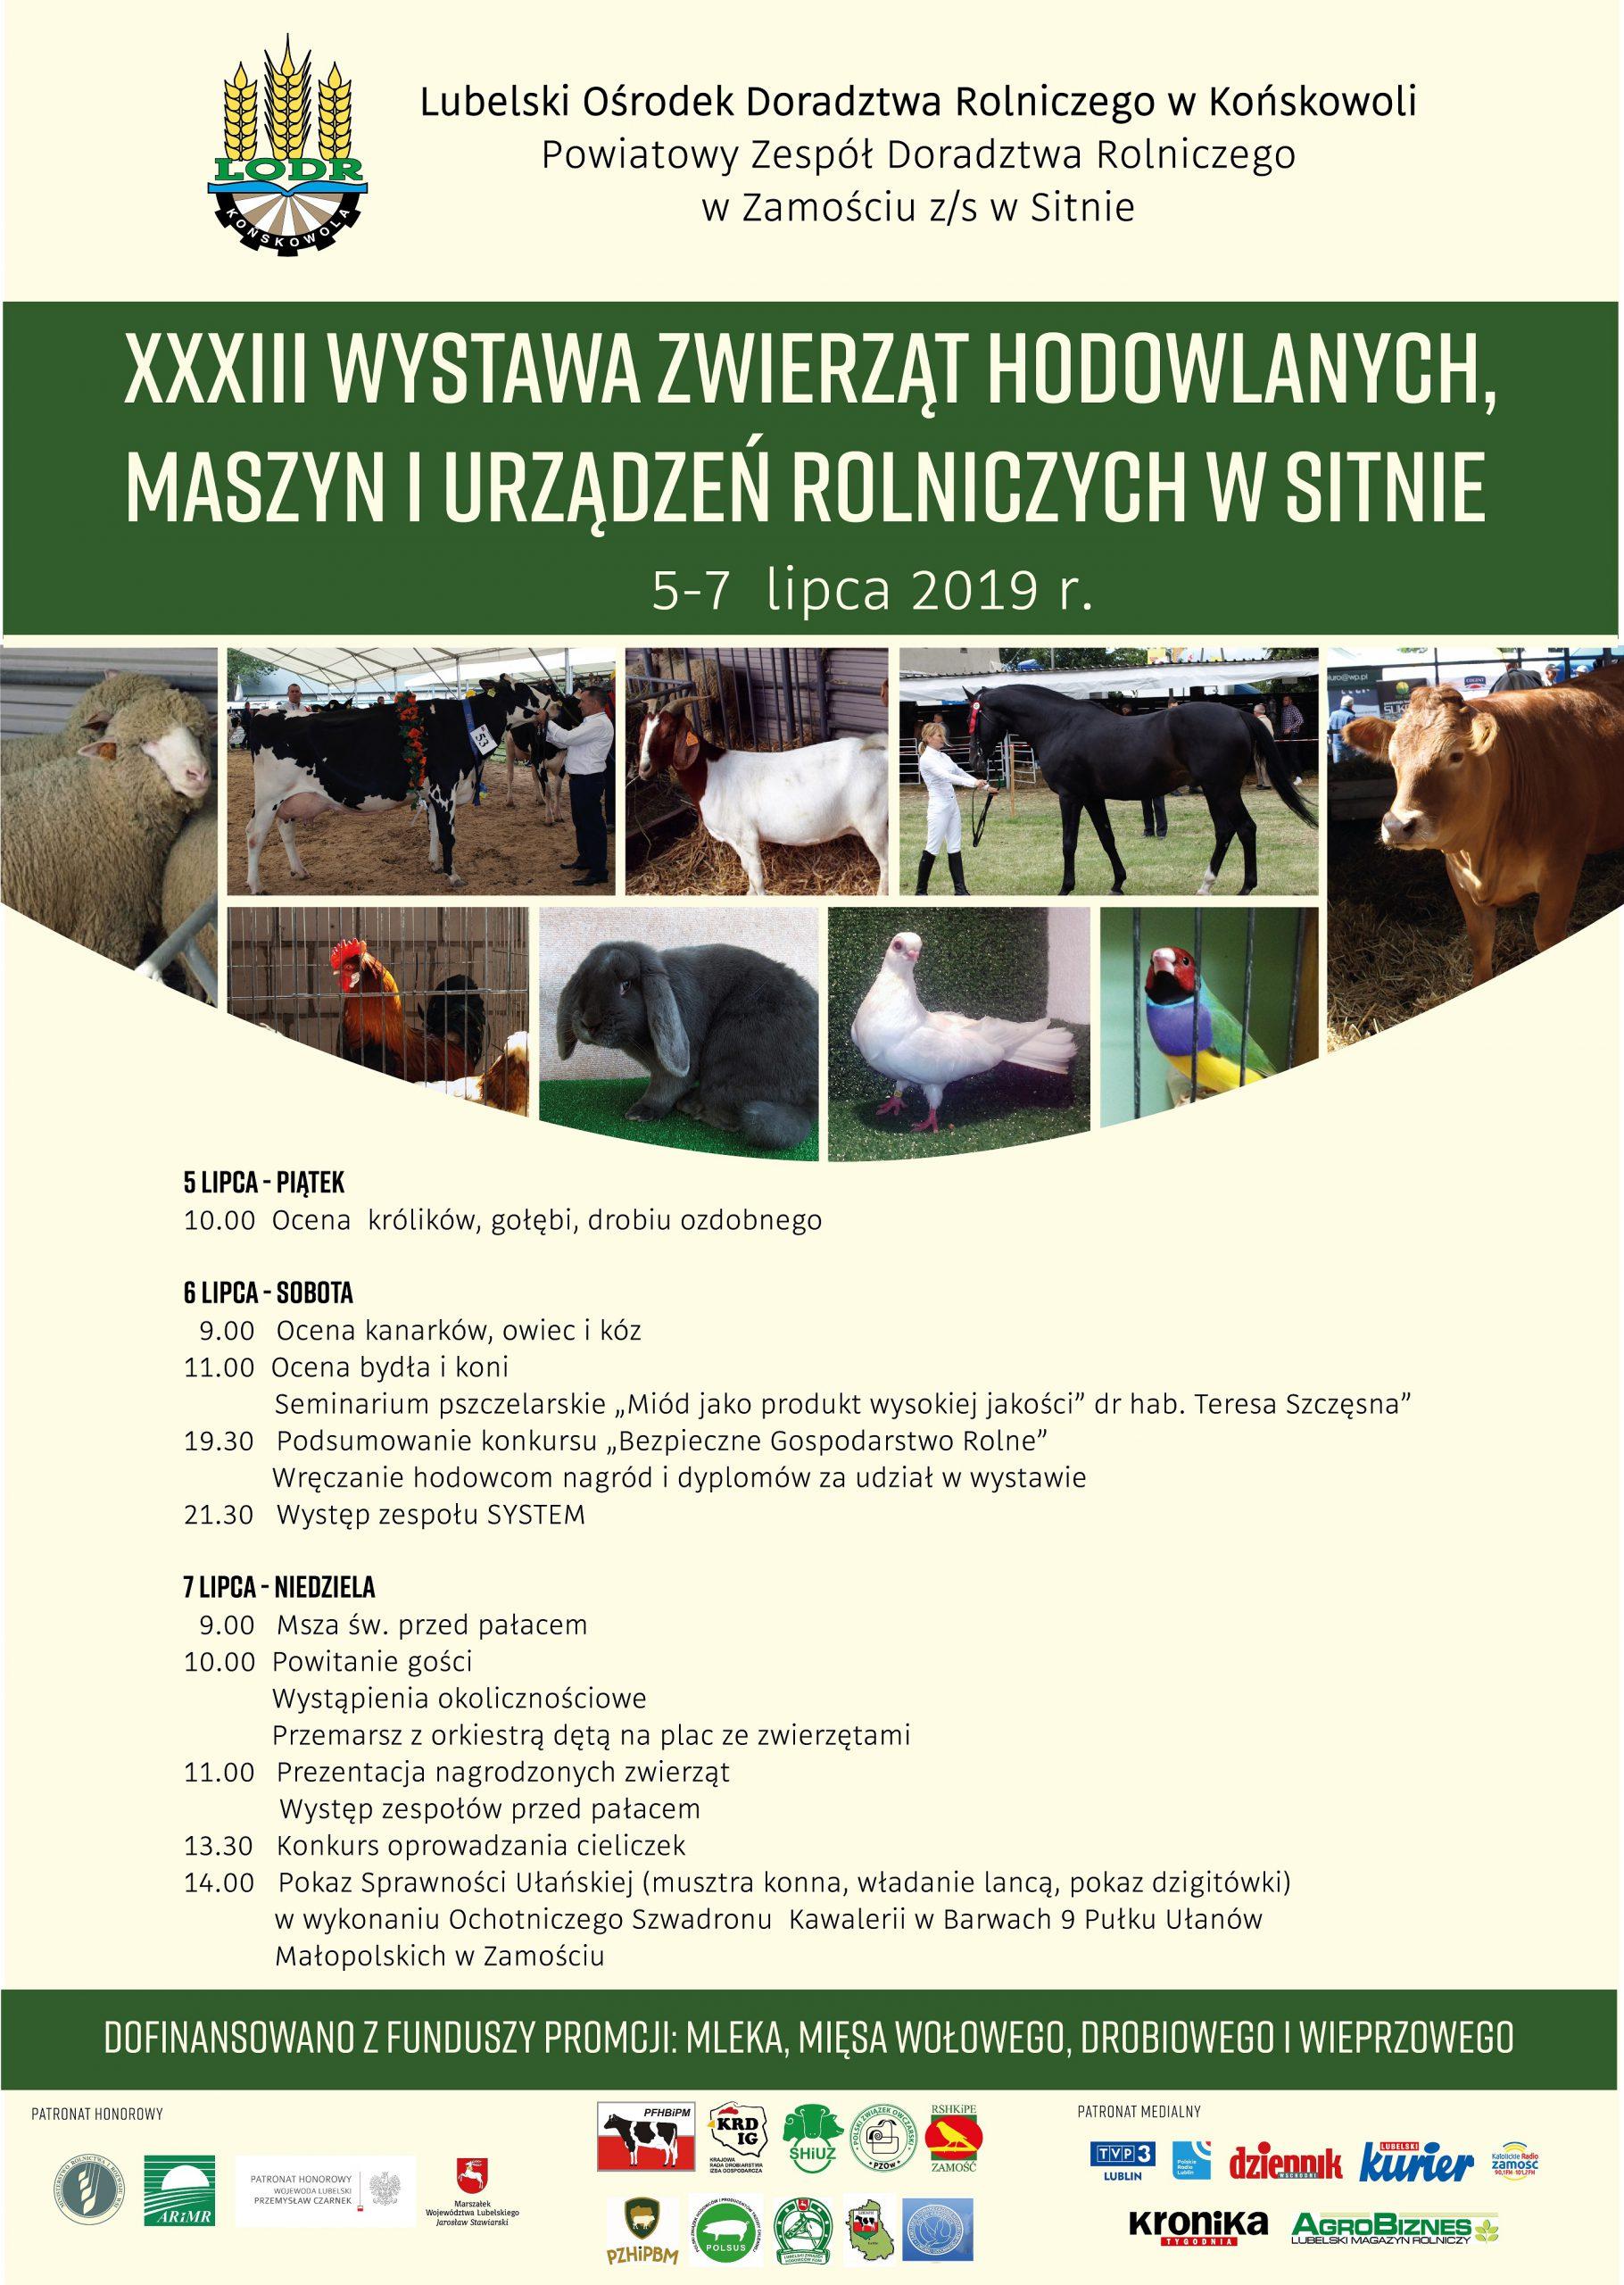 Program Wystawy Zwierząt Hodowlanych w Sitnie 2019